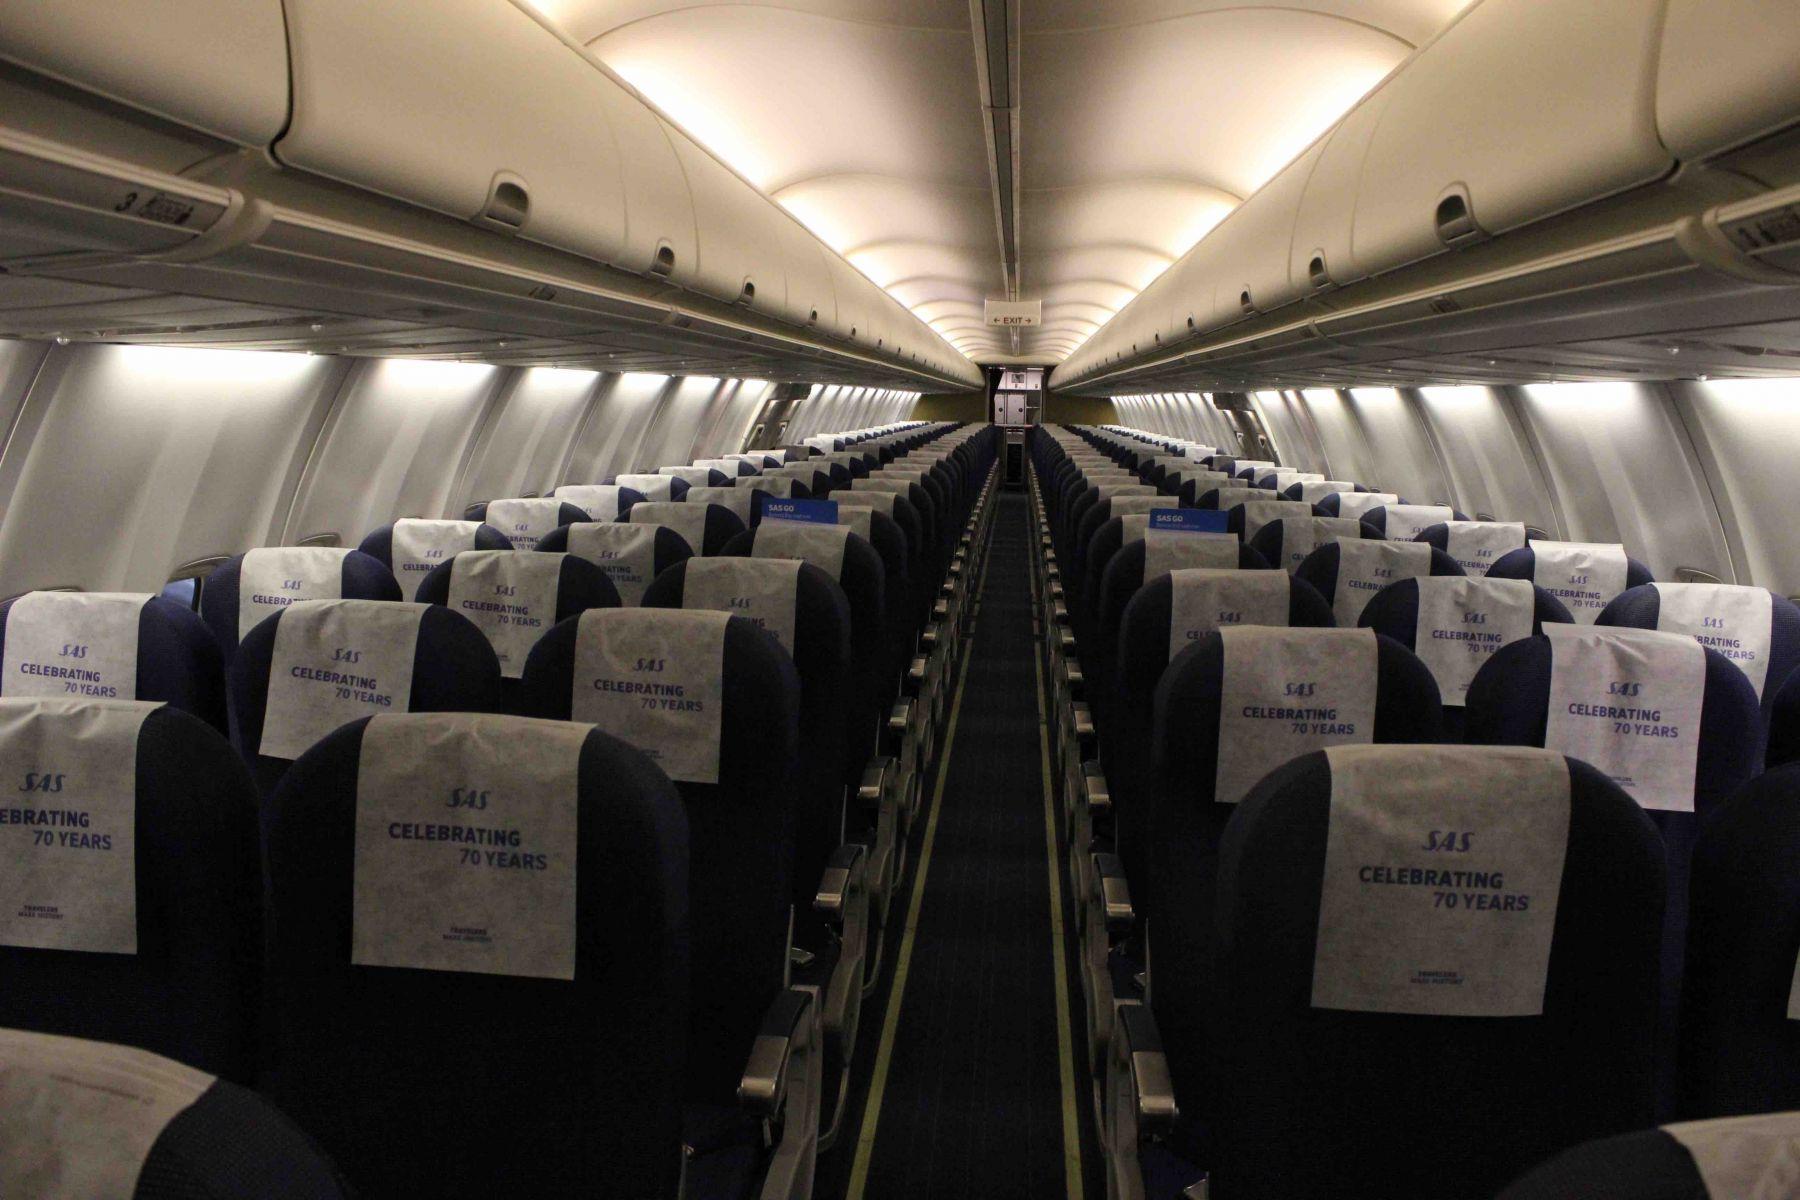 Også i kabinen vil man kunne se fejringen af SAS 70 års jubilæet. I første omgang med nye hovedbetræk på stolene. Foto: SAS